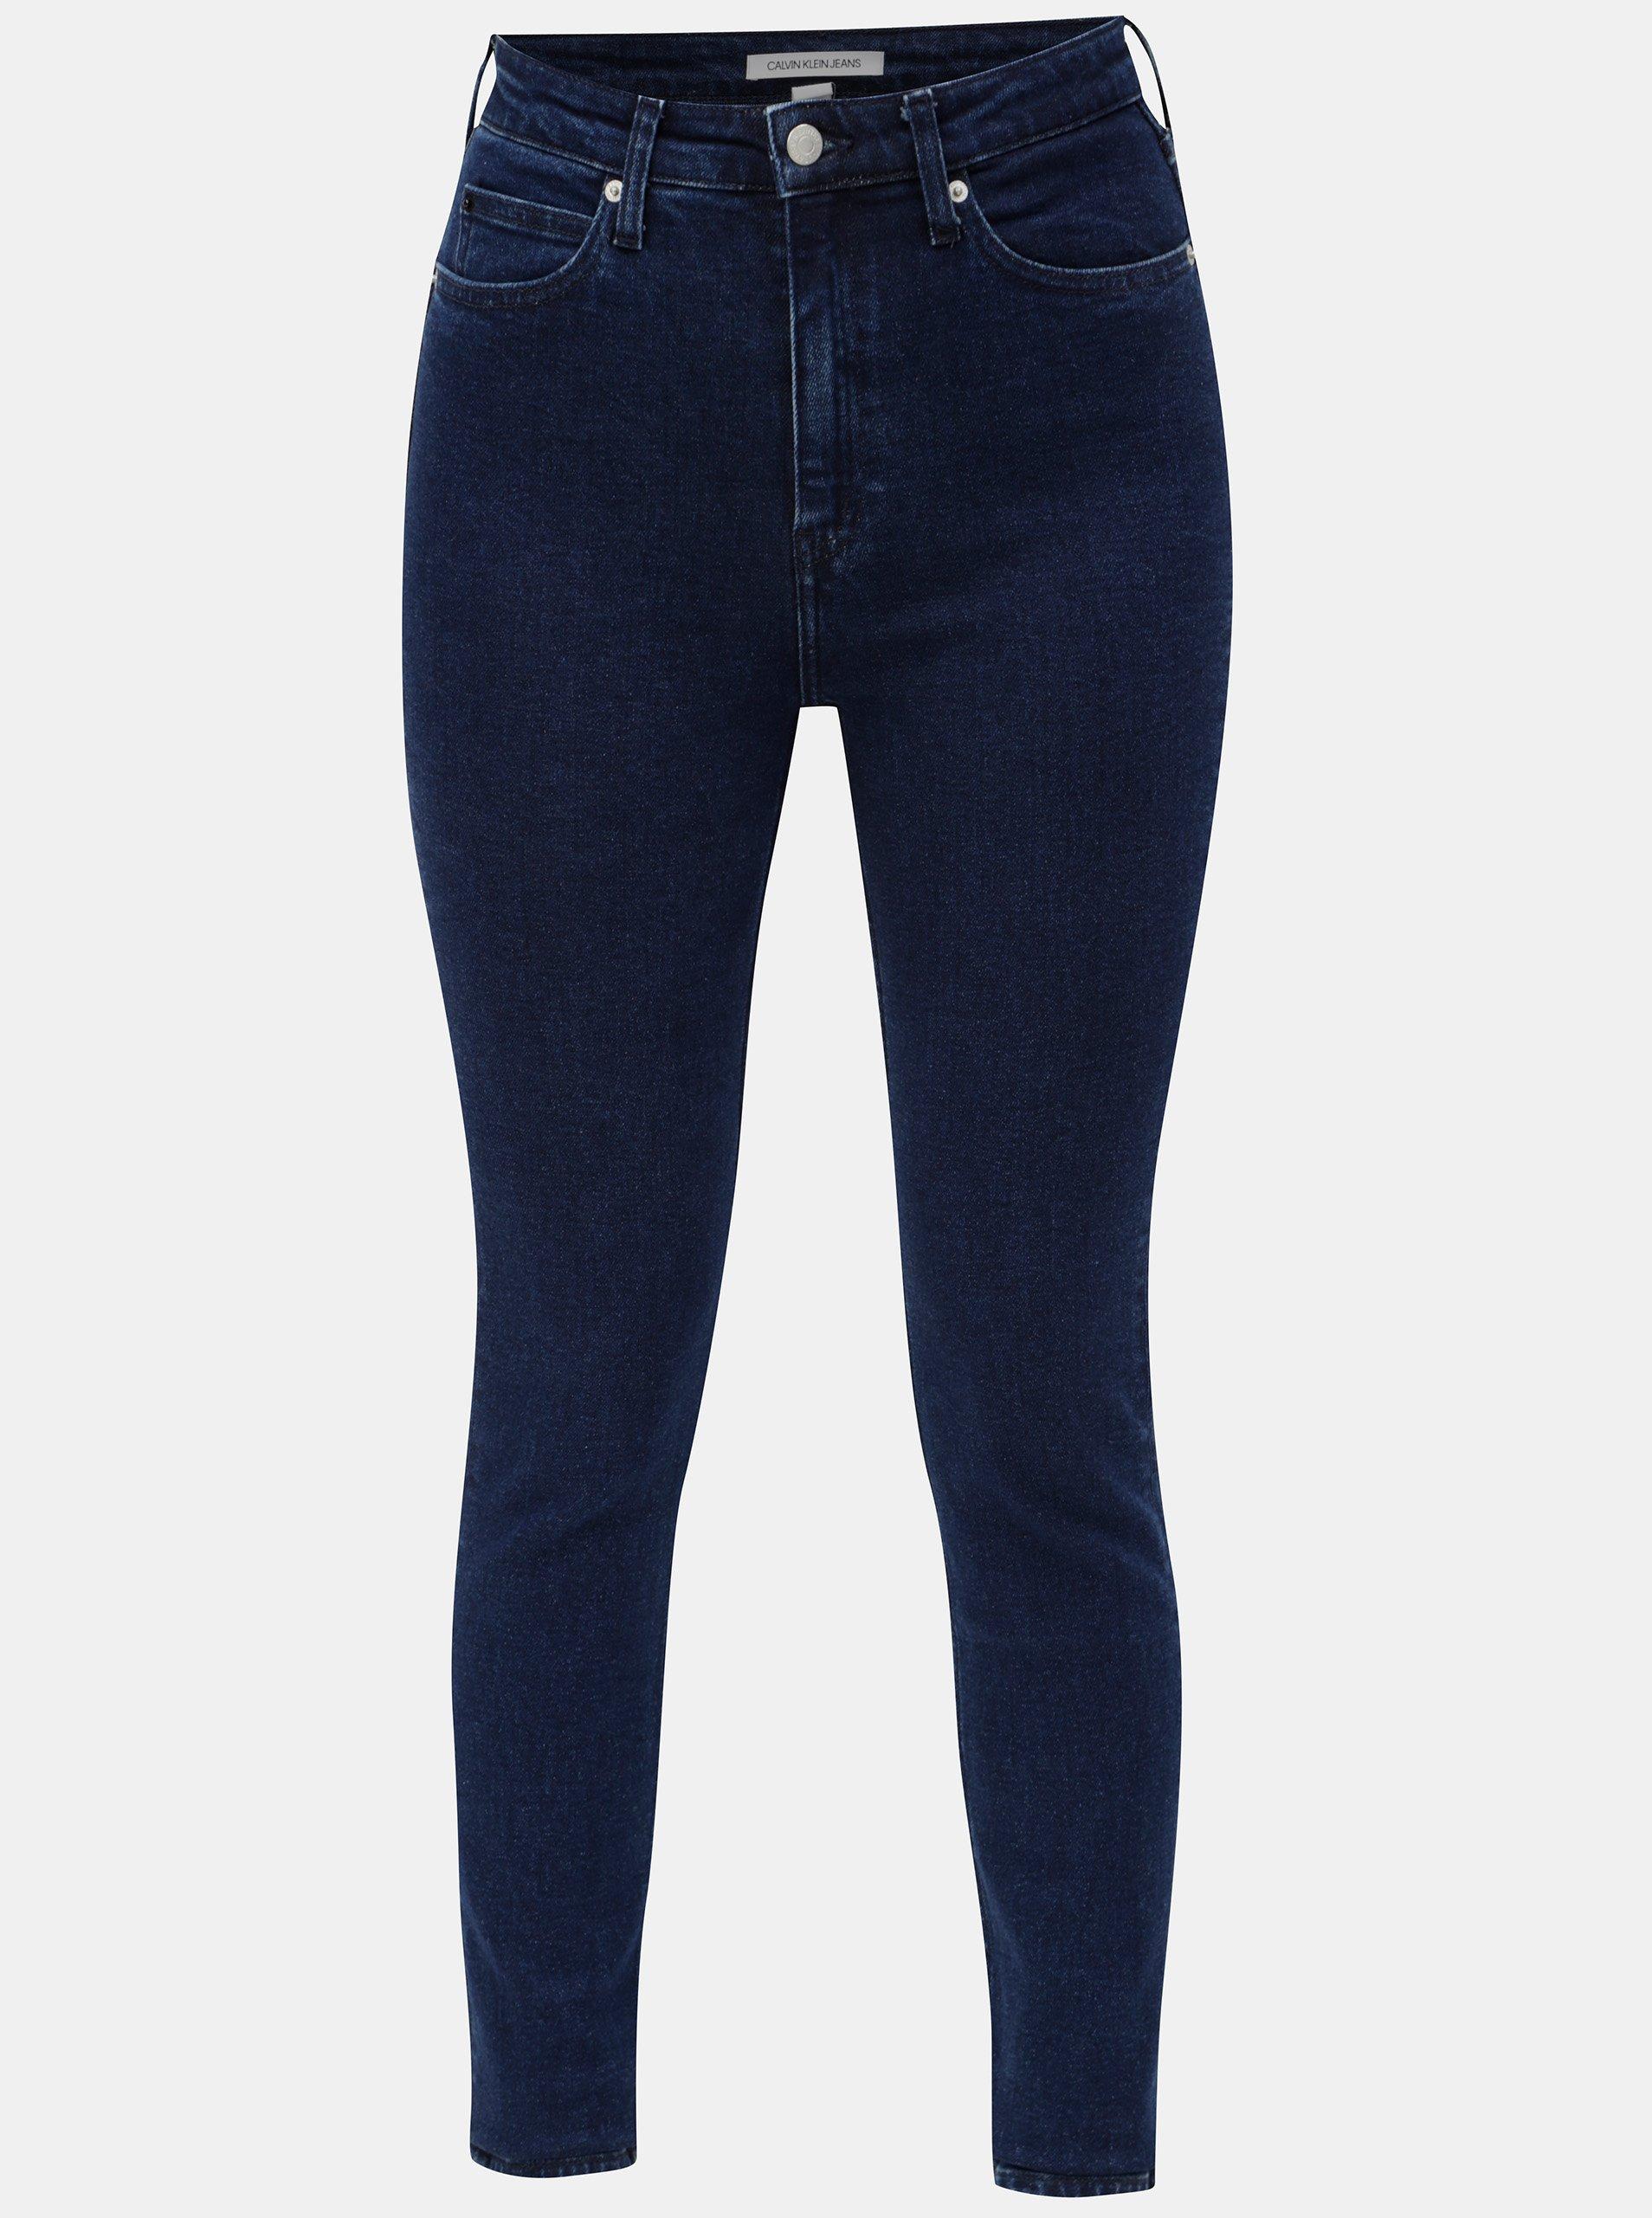 Modré dámské skinny džíny s vysokým pasem Calvin Klein Jeans e7d11971a2